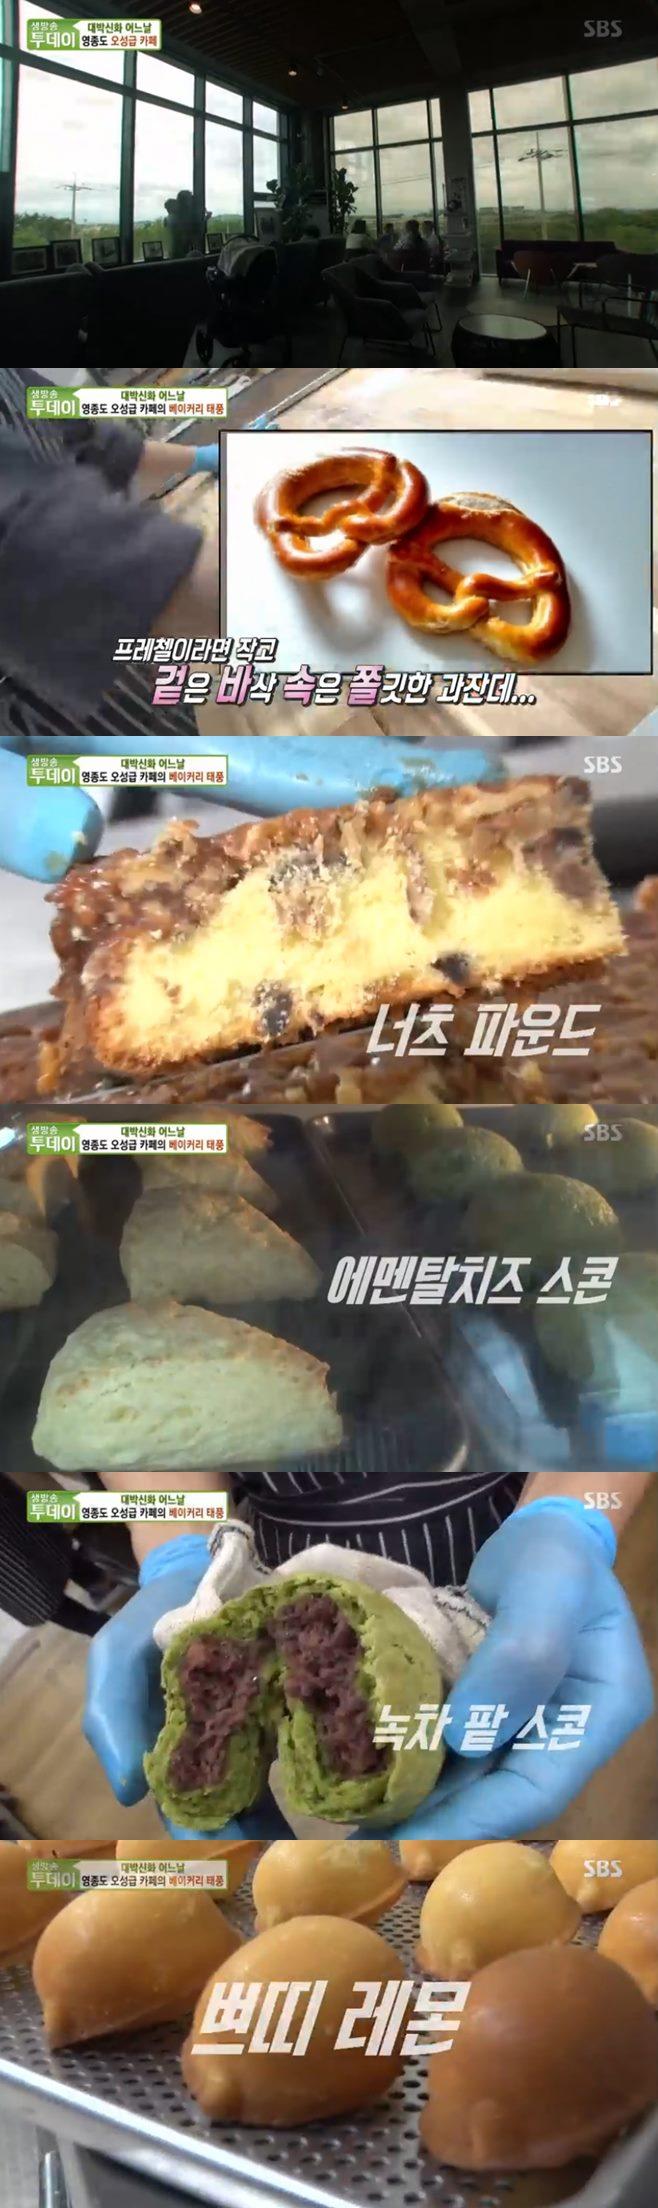 생방송투데이 영종도 오성급 카페 스타파이브 만두전골 고수뎐 맛집